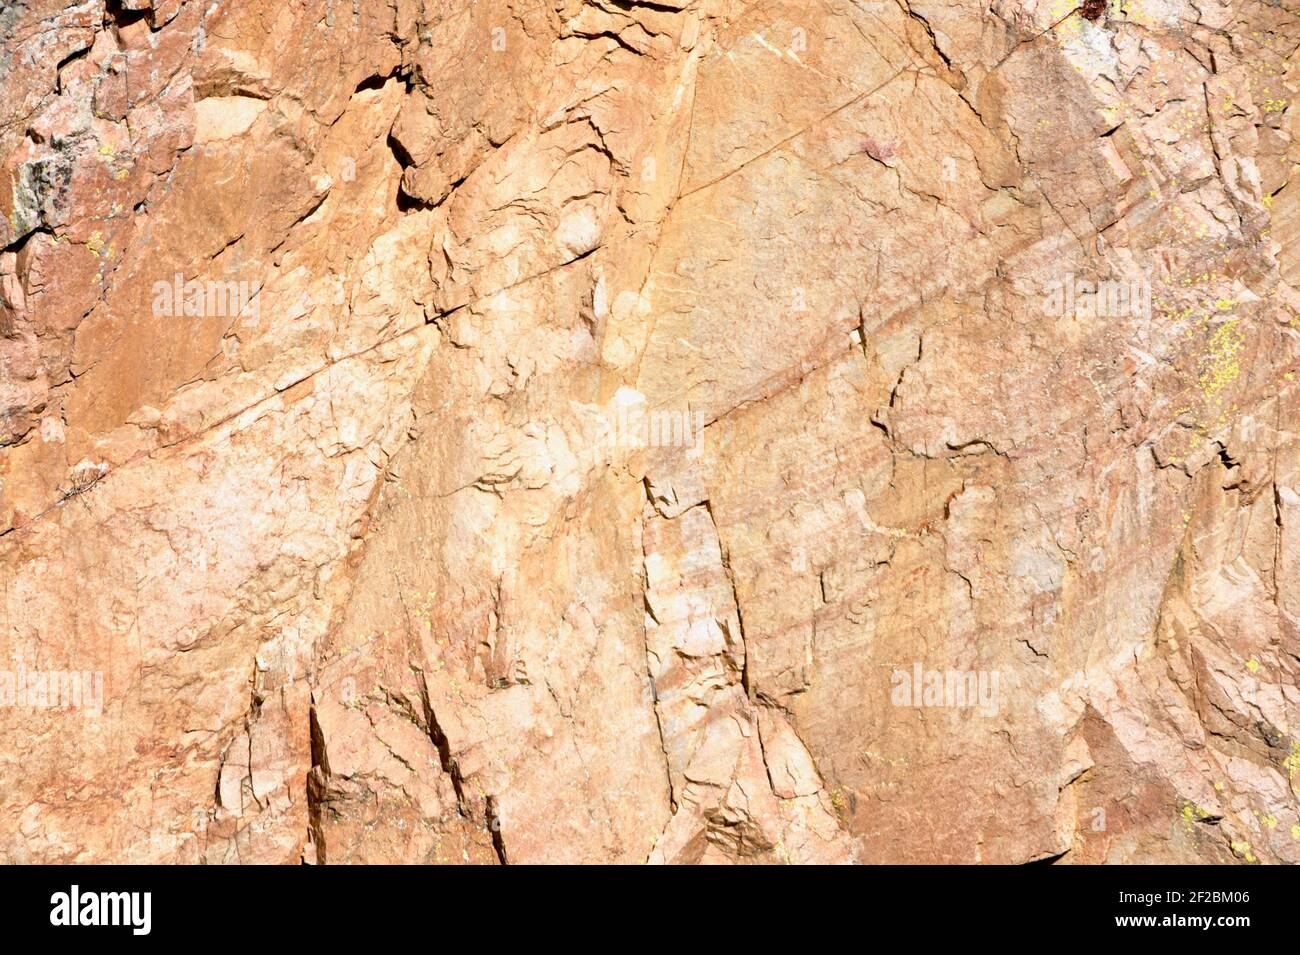 Roca de granito y piedra de fondo abstracto con múltiples colores y venas. Foto de stock